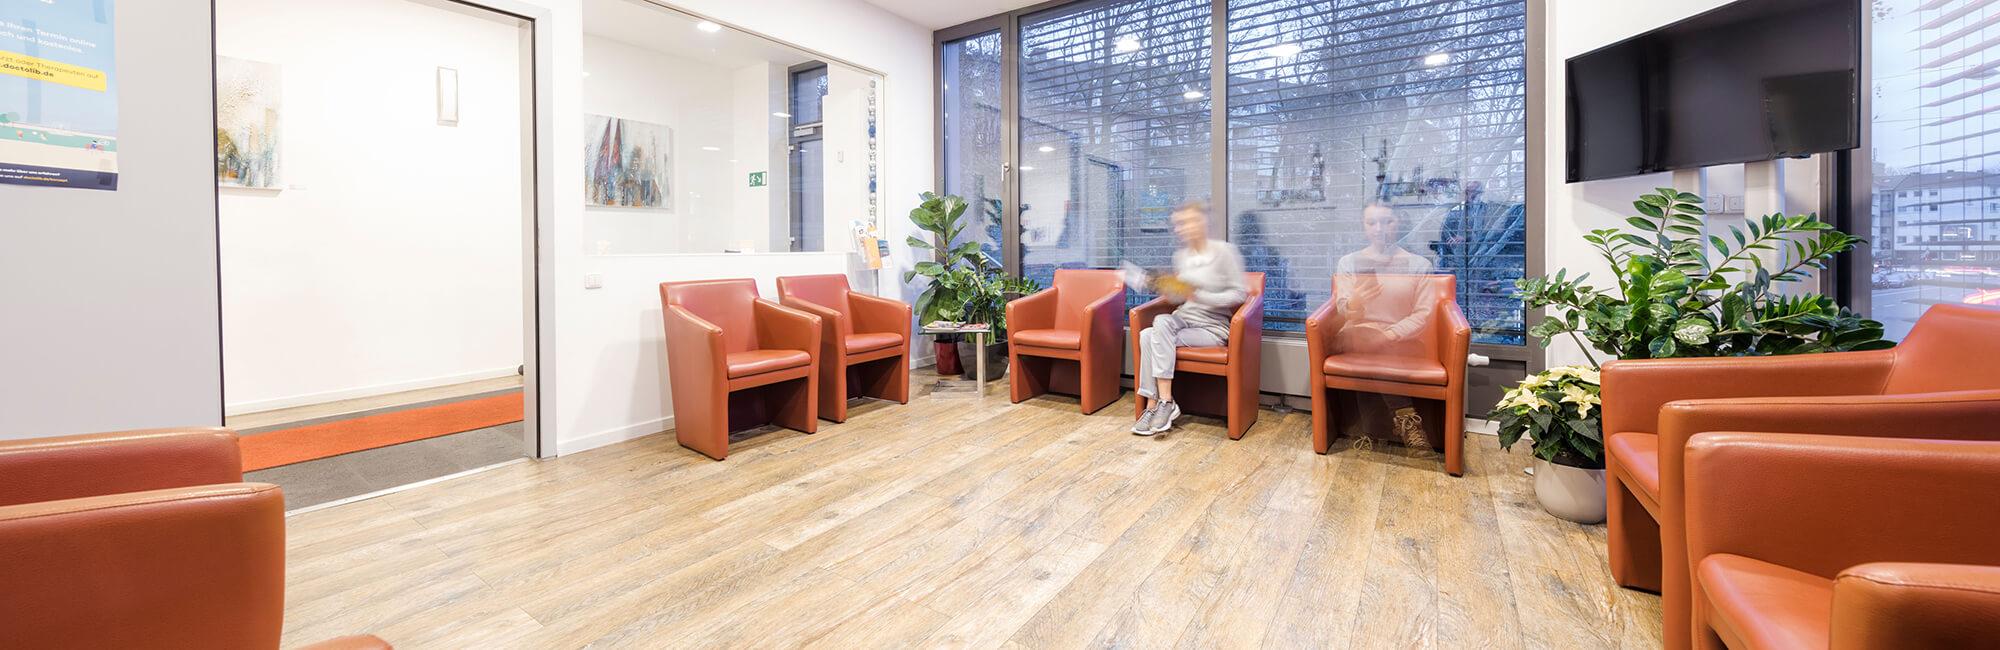 Hausarzt Köln Innenstadt - Dr. Lucia Bachner - Praxis